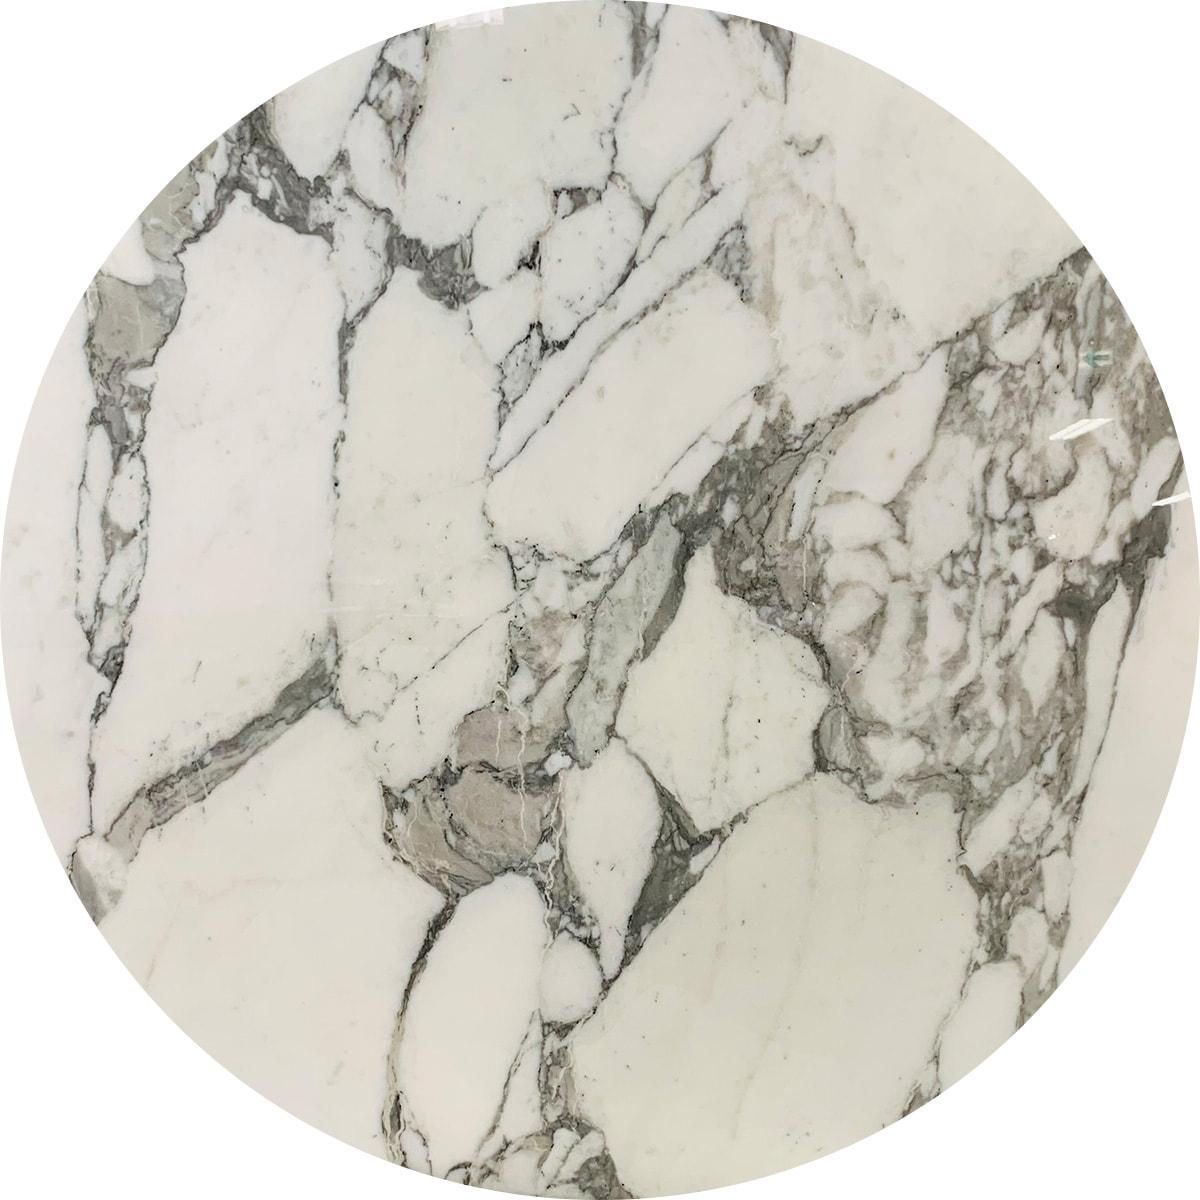 Saarinen Collection Round Tables(サーリネンテーブル) 1070mm アラベスカート 173TRMA2 (010)